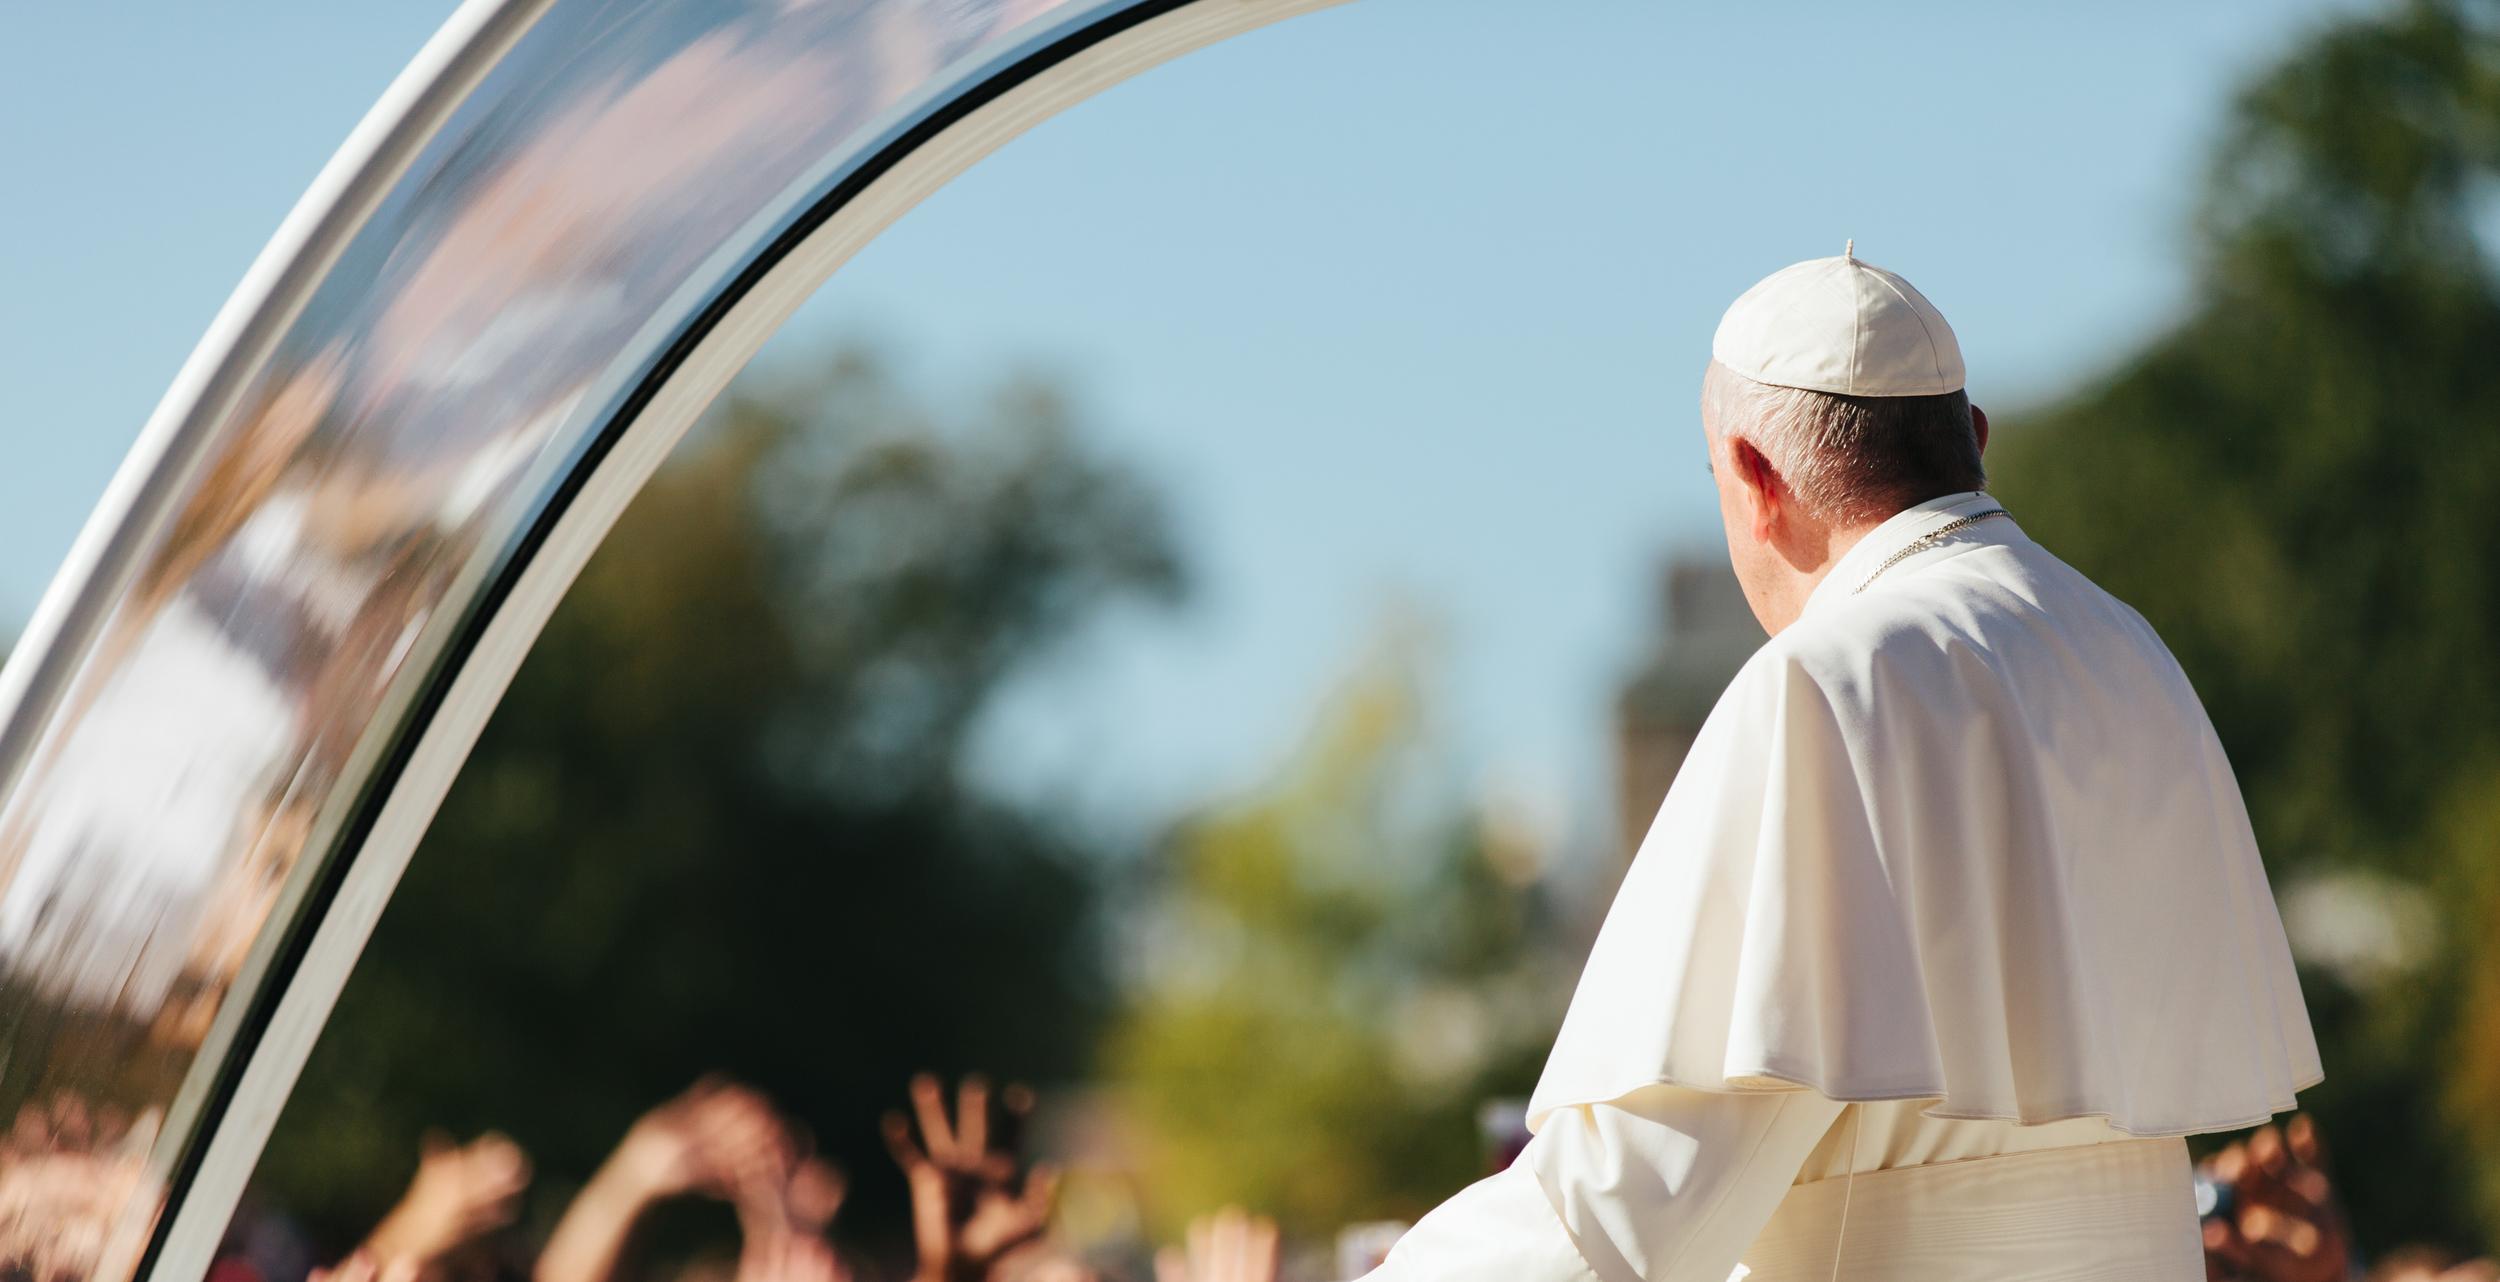 Pope Francis in Popemobile in Washington DC